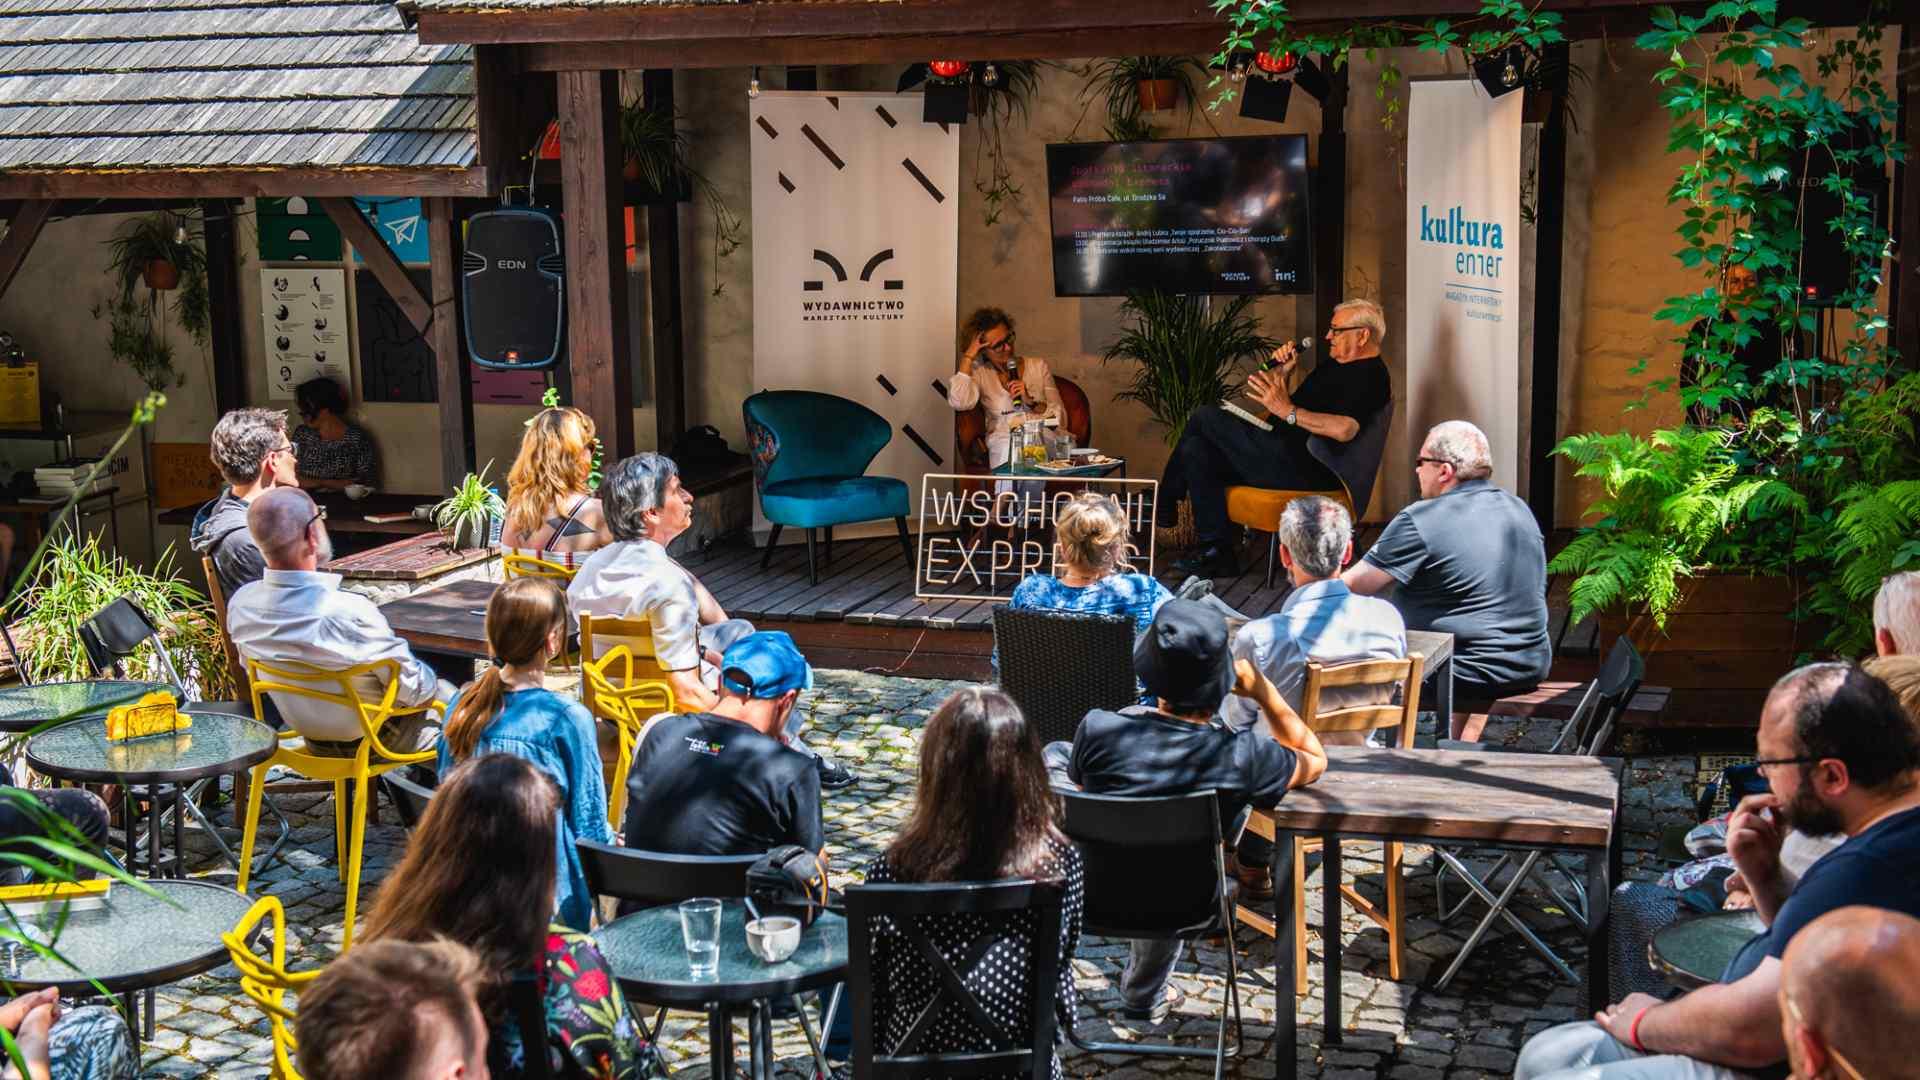 Zdjęcie Próba Cafe podczas spotkania Wschodni Ekspress - grupa ludzi siedzi na spotkaniu przodem do podestu z prowadzącymi.